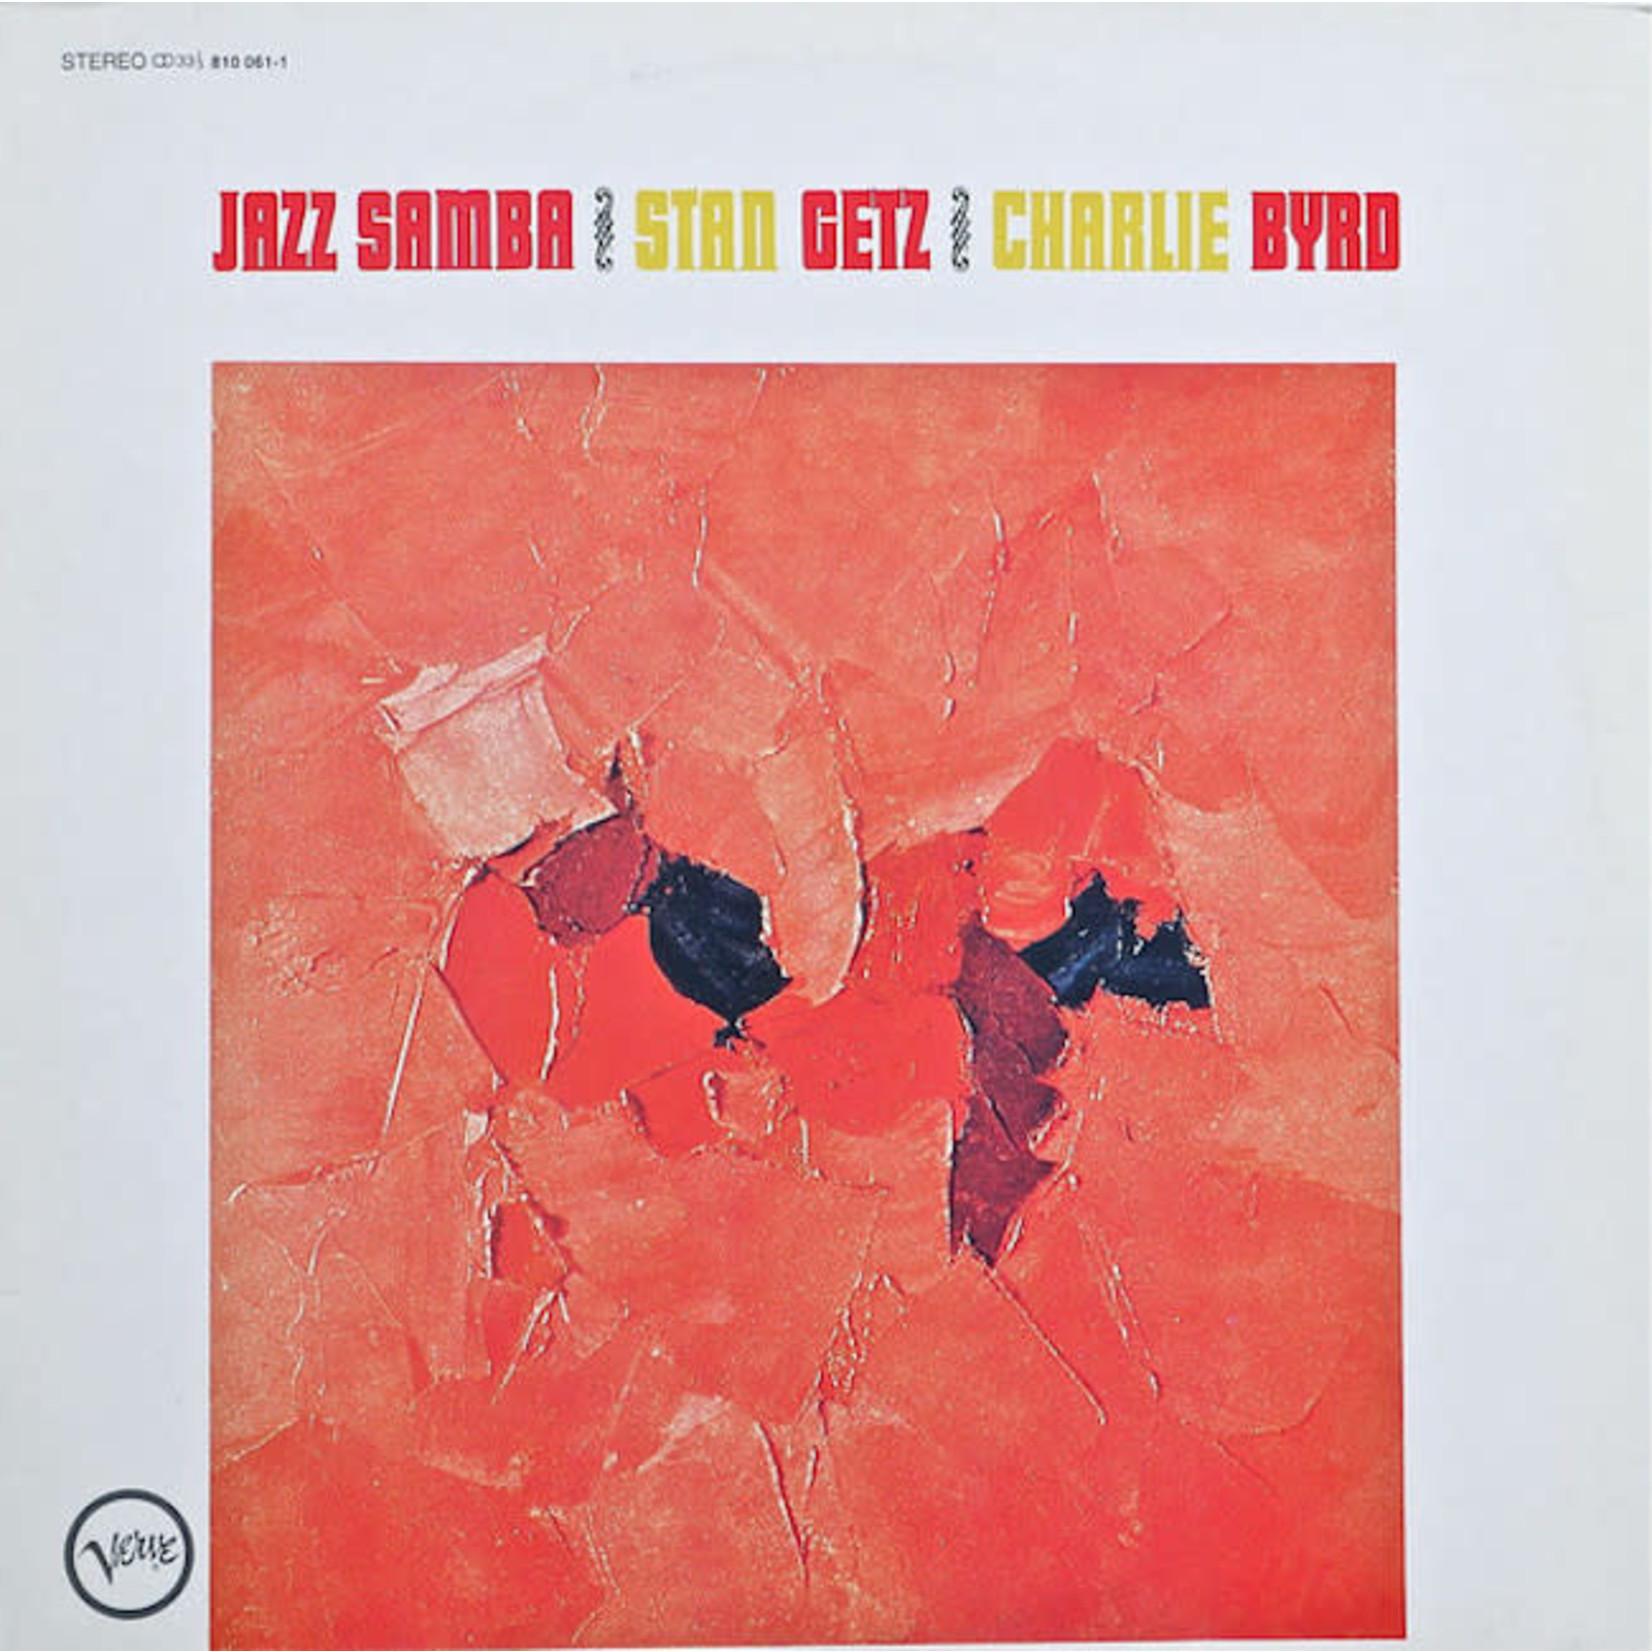 [Vintage] Getz, Stan & Charlie Byrd: Jazz Samba (reissue)